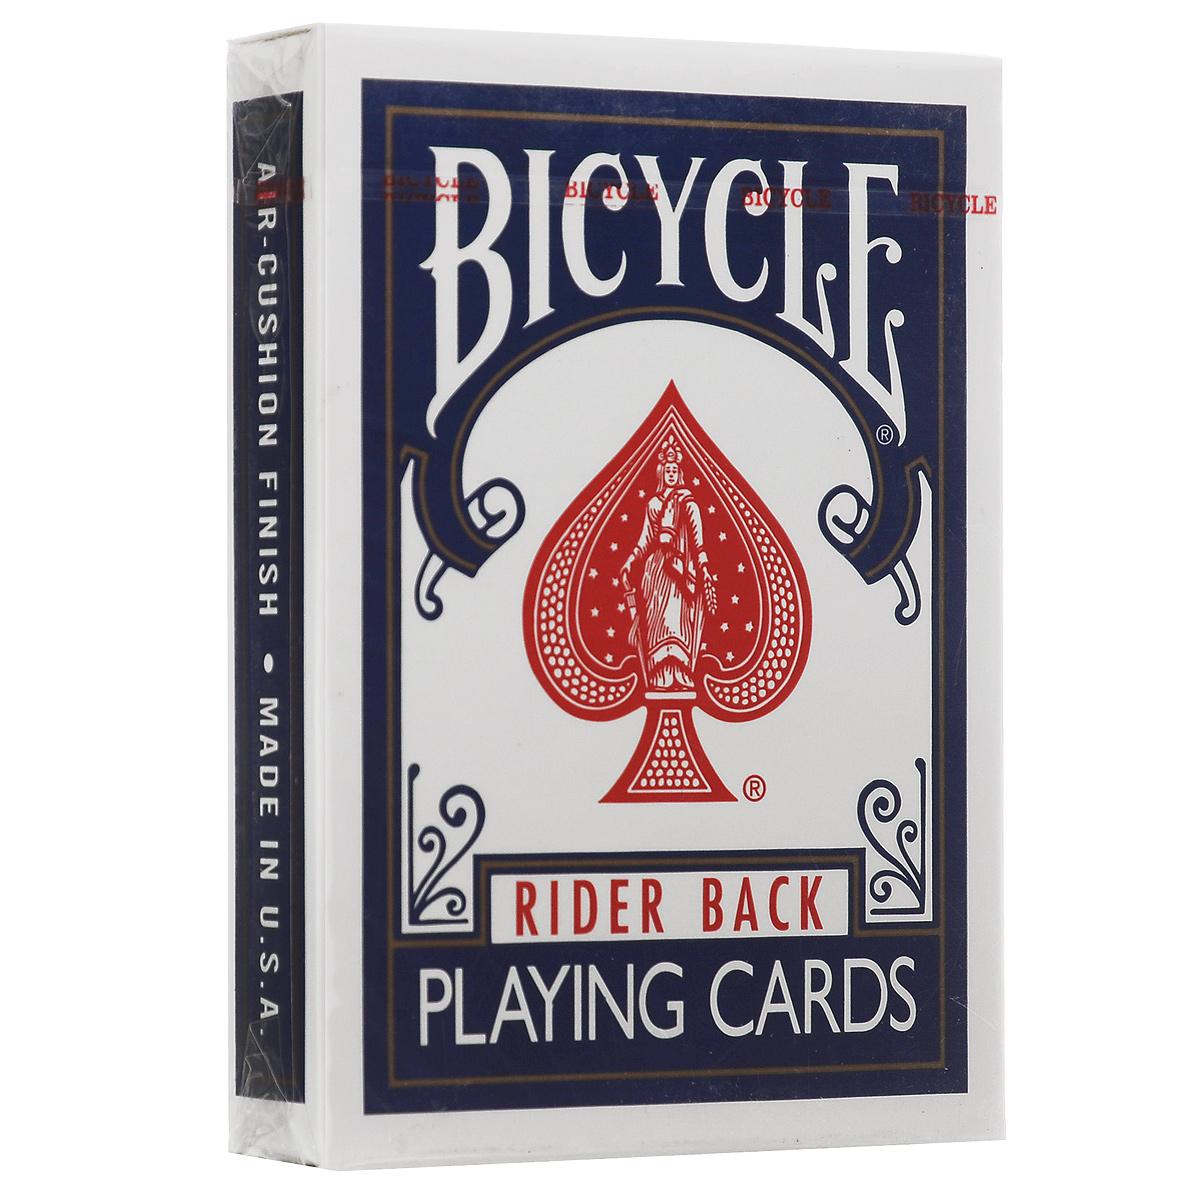 Игральные карты Bicycle Rider Back, цвет: синийК-002Игральные карты Bicycle Rider Back - самые популярные карты! Они выпускаются уже более 120 лет компанией The United States Playing Card Company. Все это время их дизайн остается неизменным, улучшается только качество. Карты прекрасно подходят для различных манипуляций, фокусов, игры в покер. В этой колоде сохранен классический дизайн упаковки